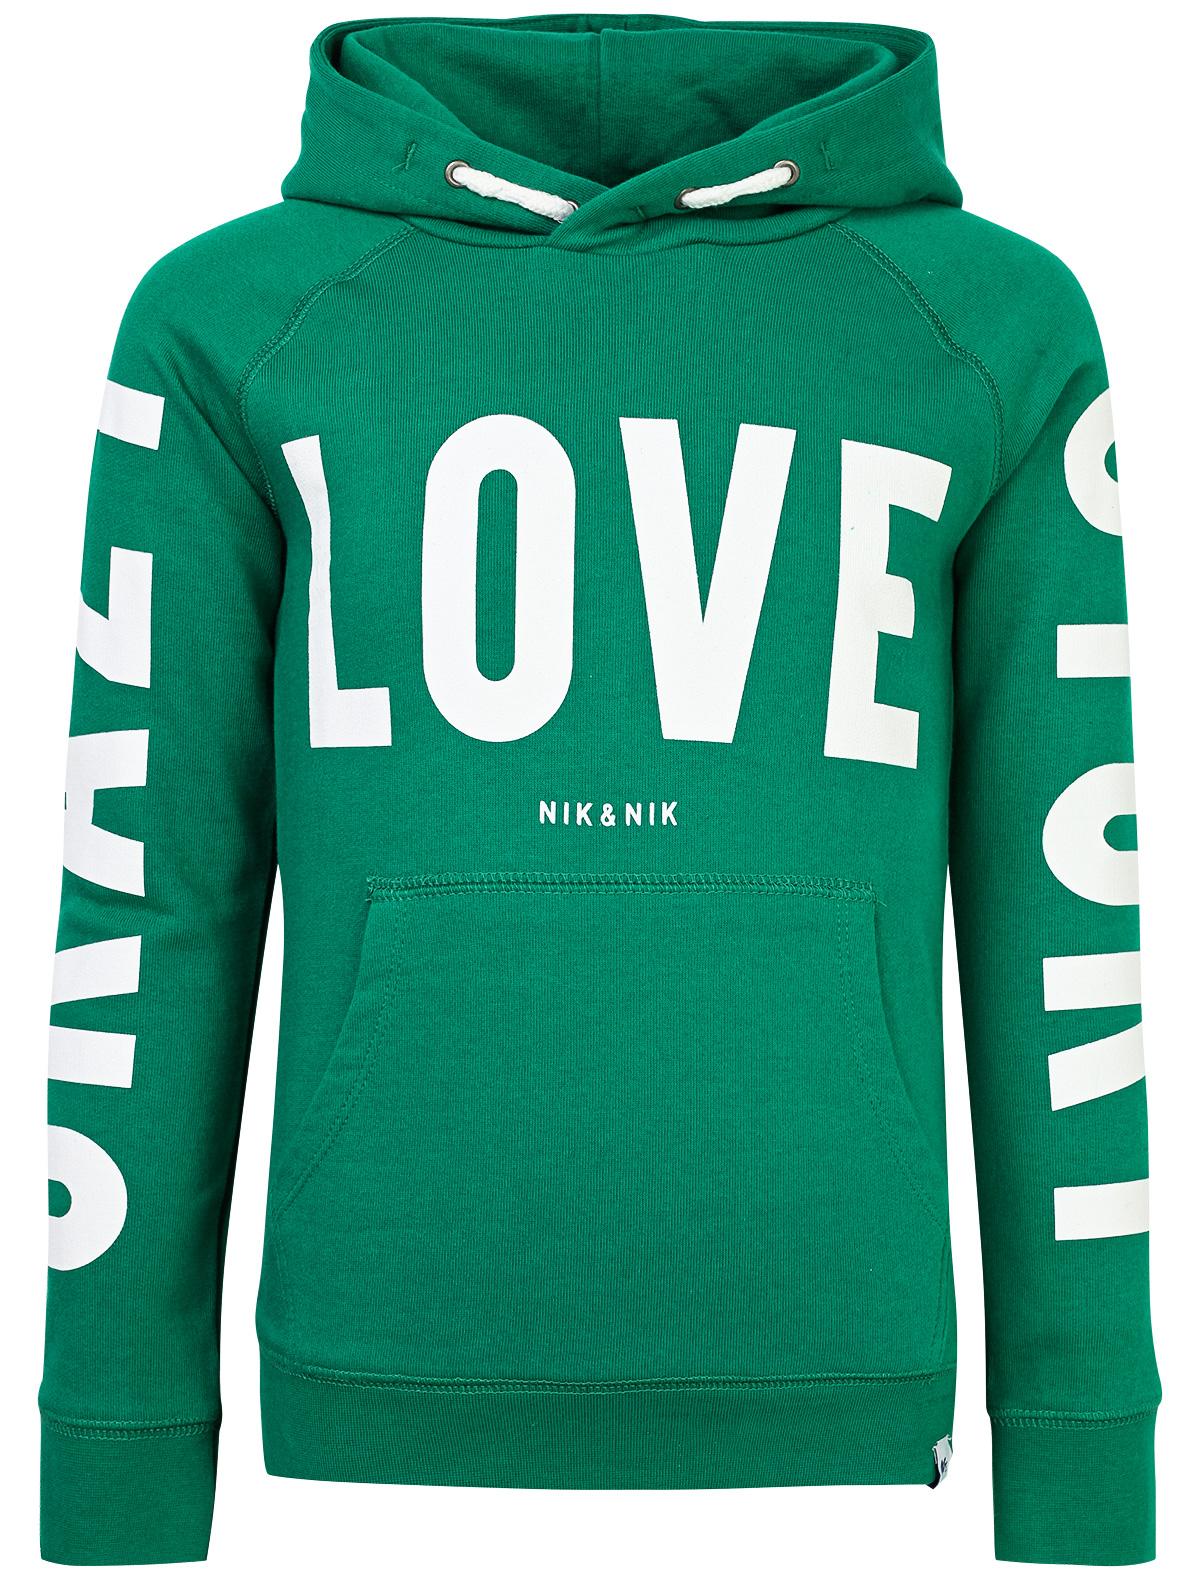 Купить 1859651, Худи NIK & NIK, зеленый, Женский, 0092209880415